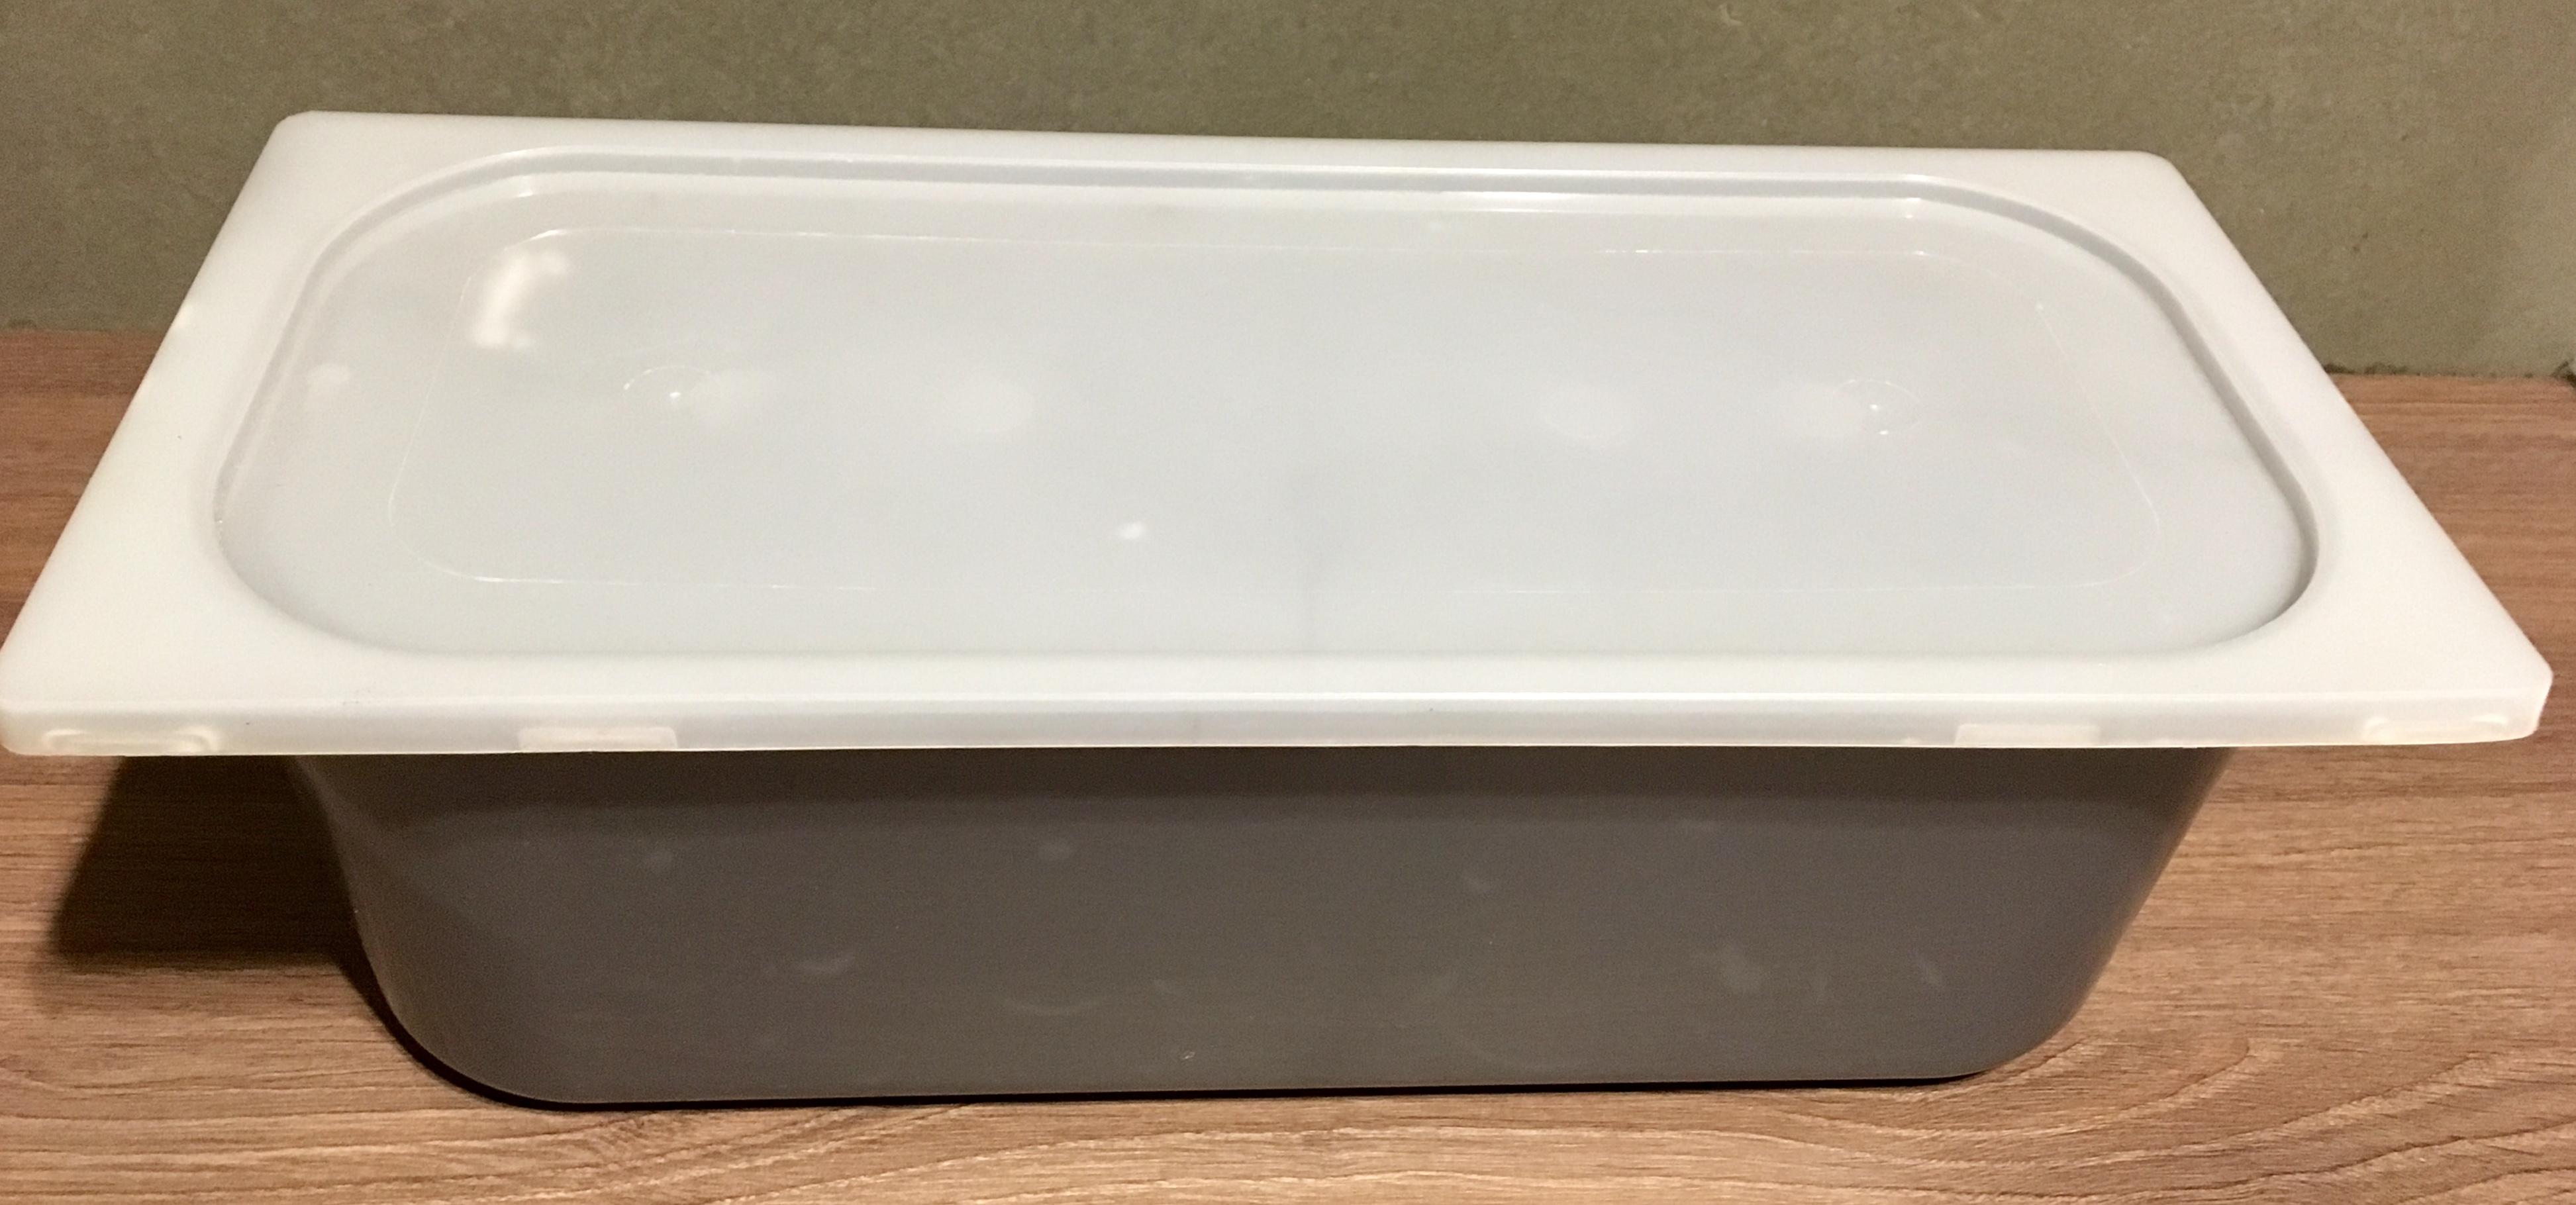 ถาดสไอศครีมพลาสติก #1/3 x 10 (3-4 kg.) พร้อมฝาปิด